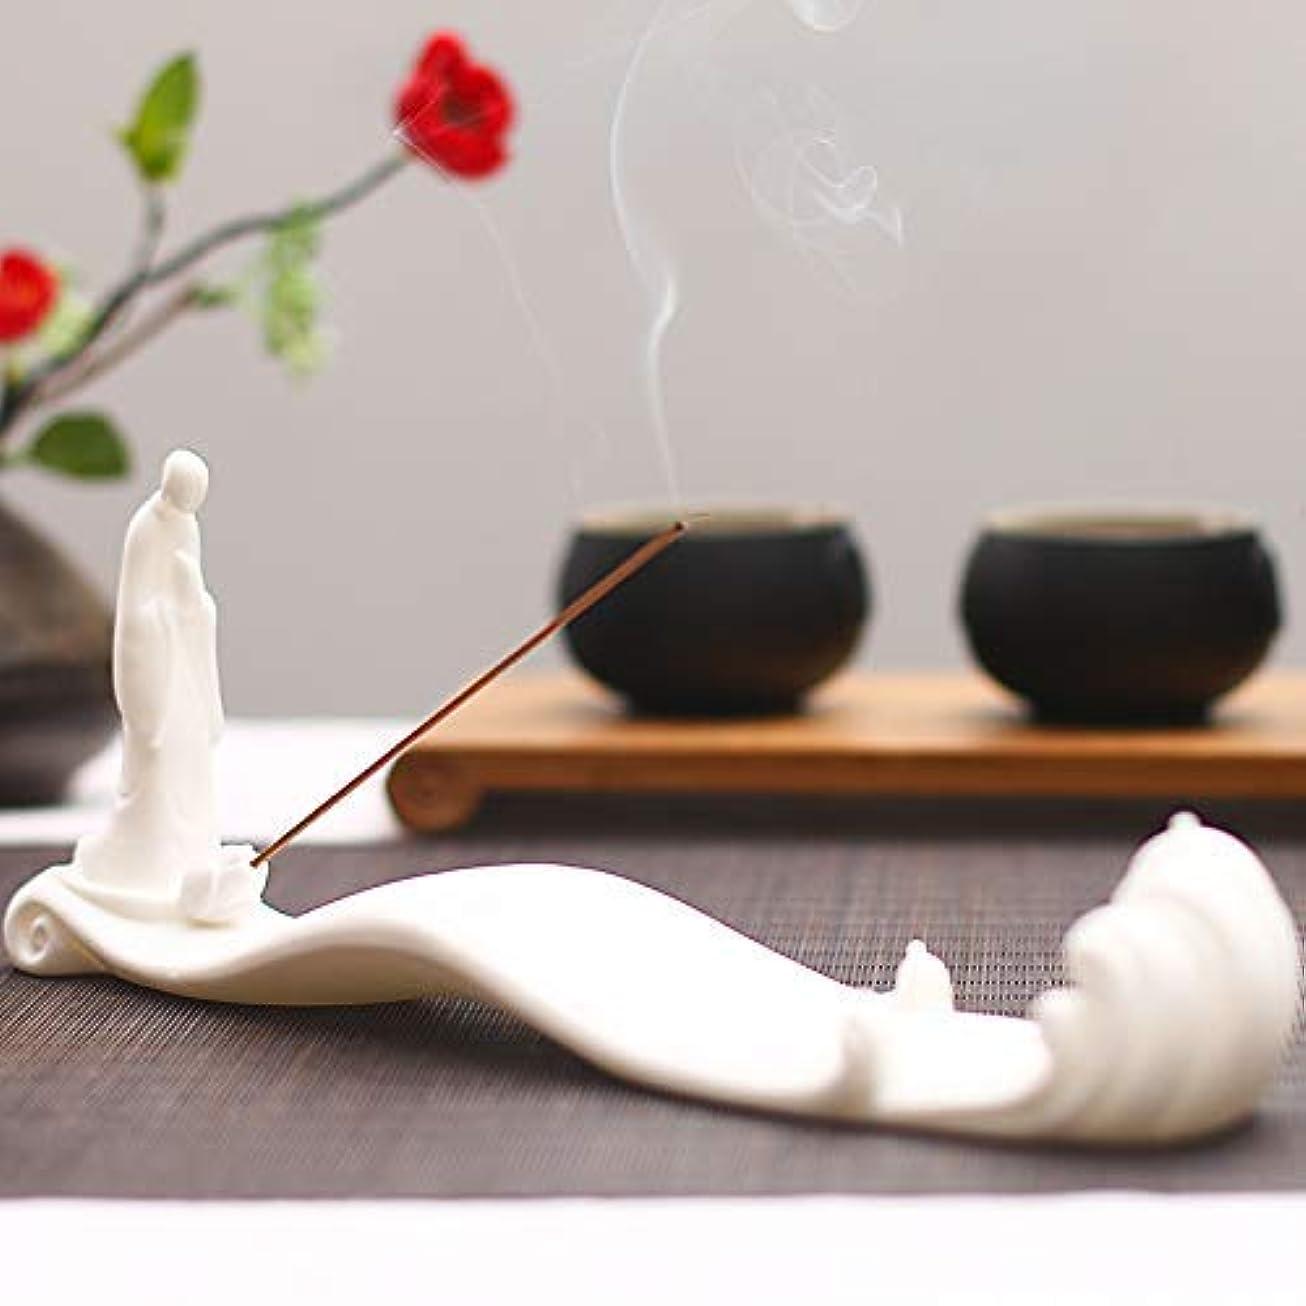 歯科医イノセンスオフPHILOGOD 香炉 陶器線香香立て モンク潮を見てモデリング仏壇 お香 ホルダー